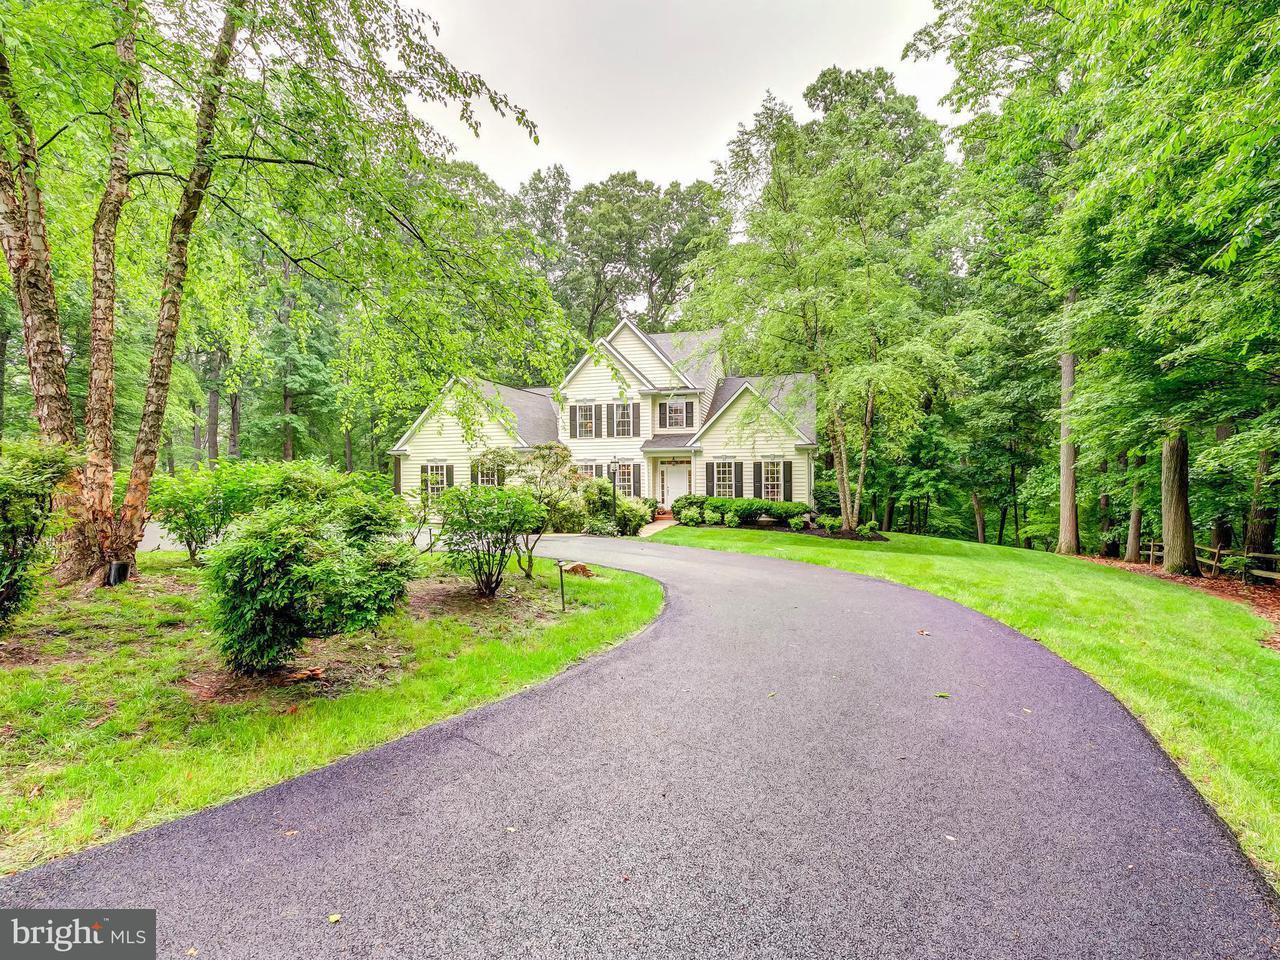 Частный односемейный дом для того Продажа на 16415C CEDAR GROVE Road 16415C CEDAR GROVE Road Sparks, Мэриленд 21152 Соединенные Штаты